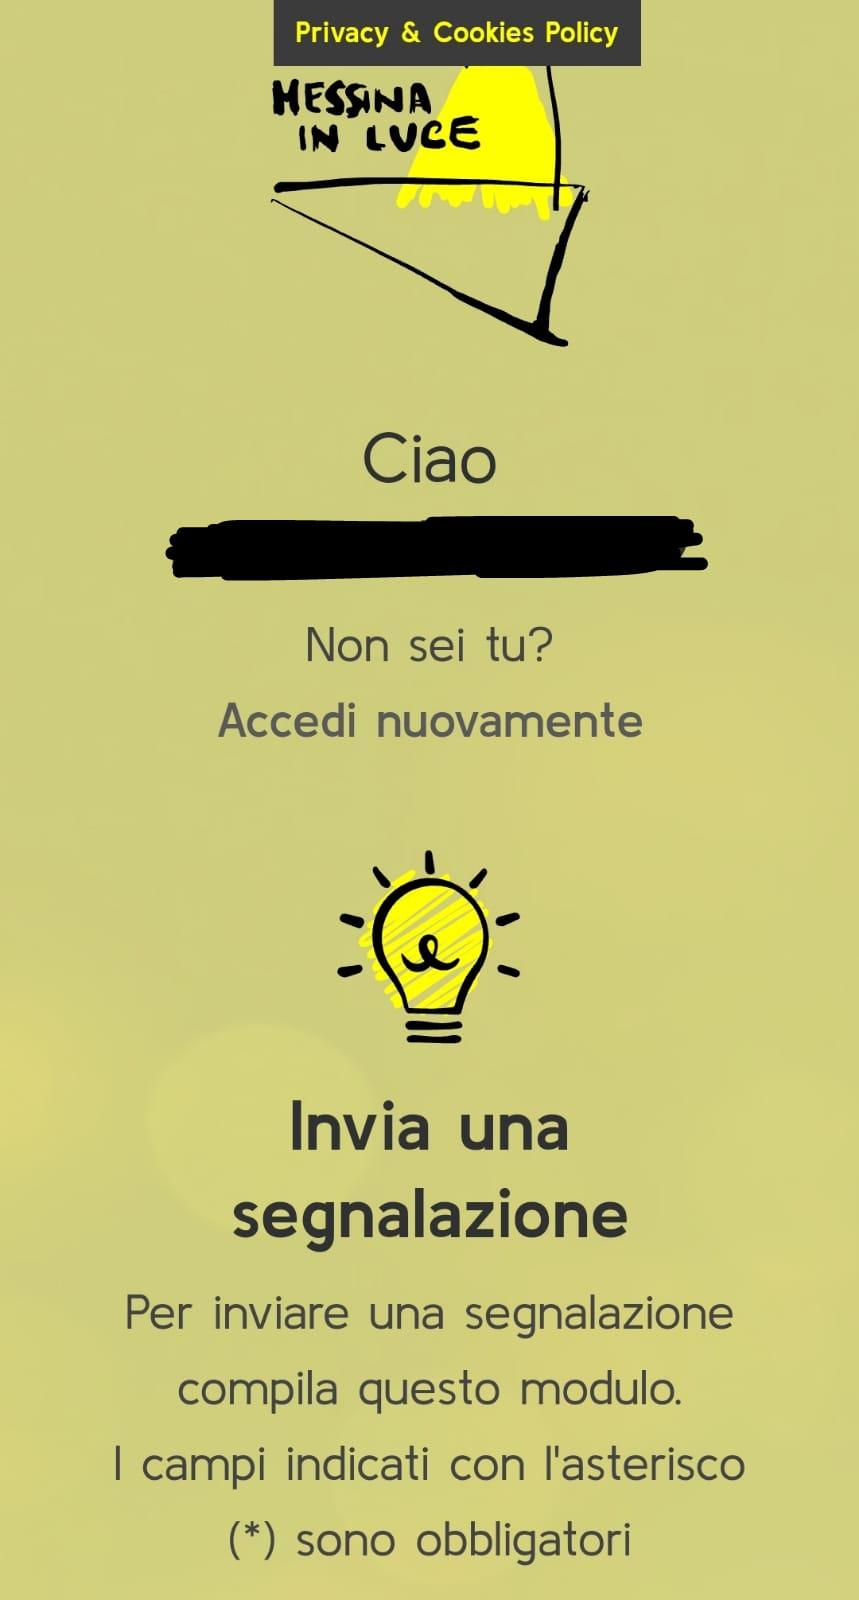 Messina in luce, arriva l'app per segnalare i guasti alla ...